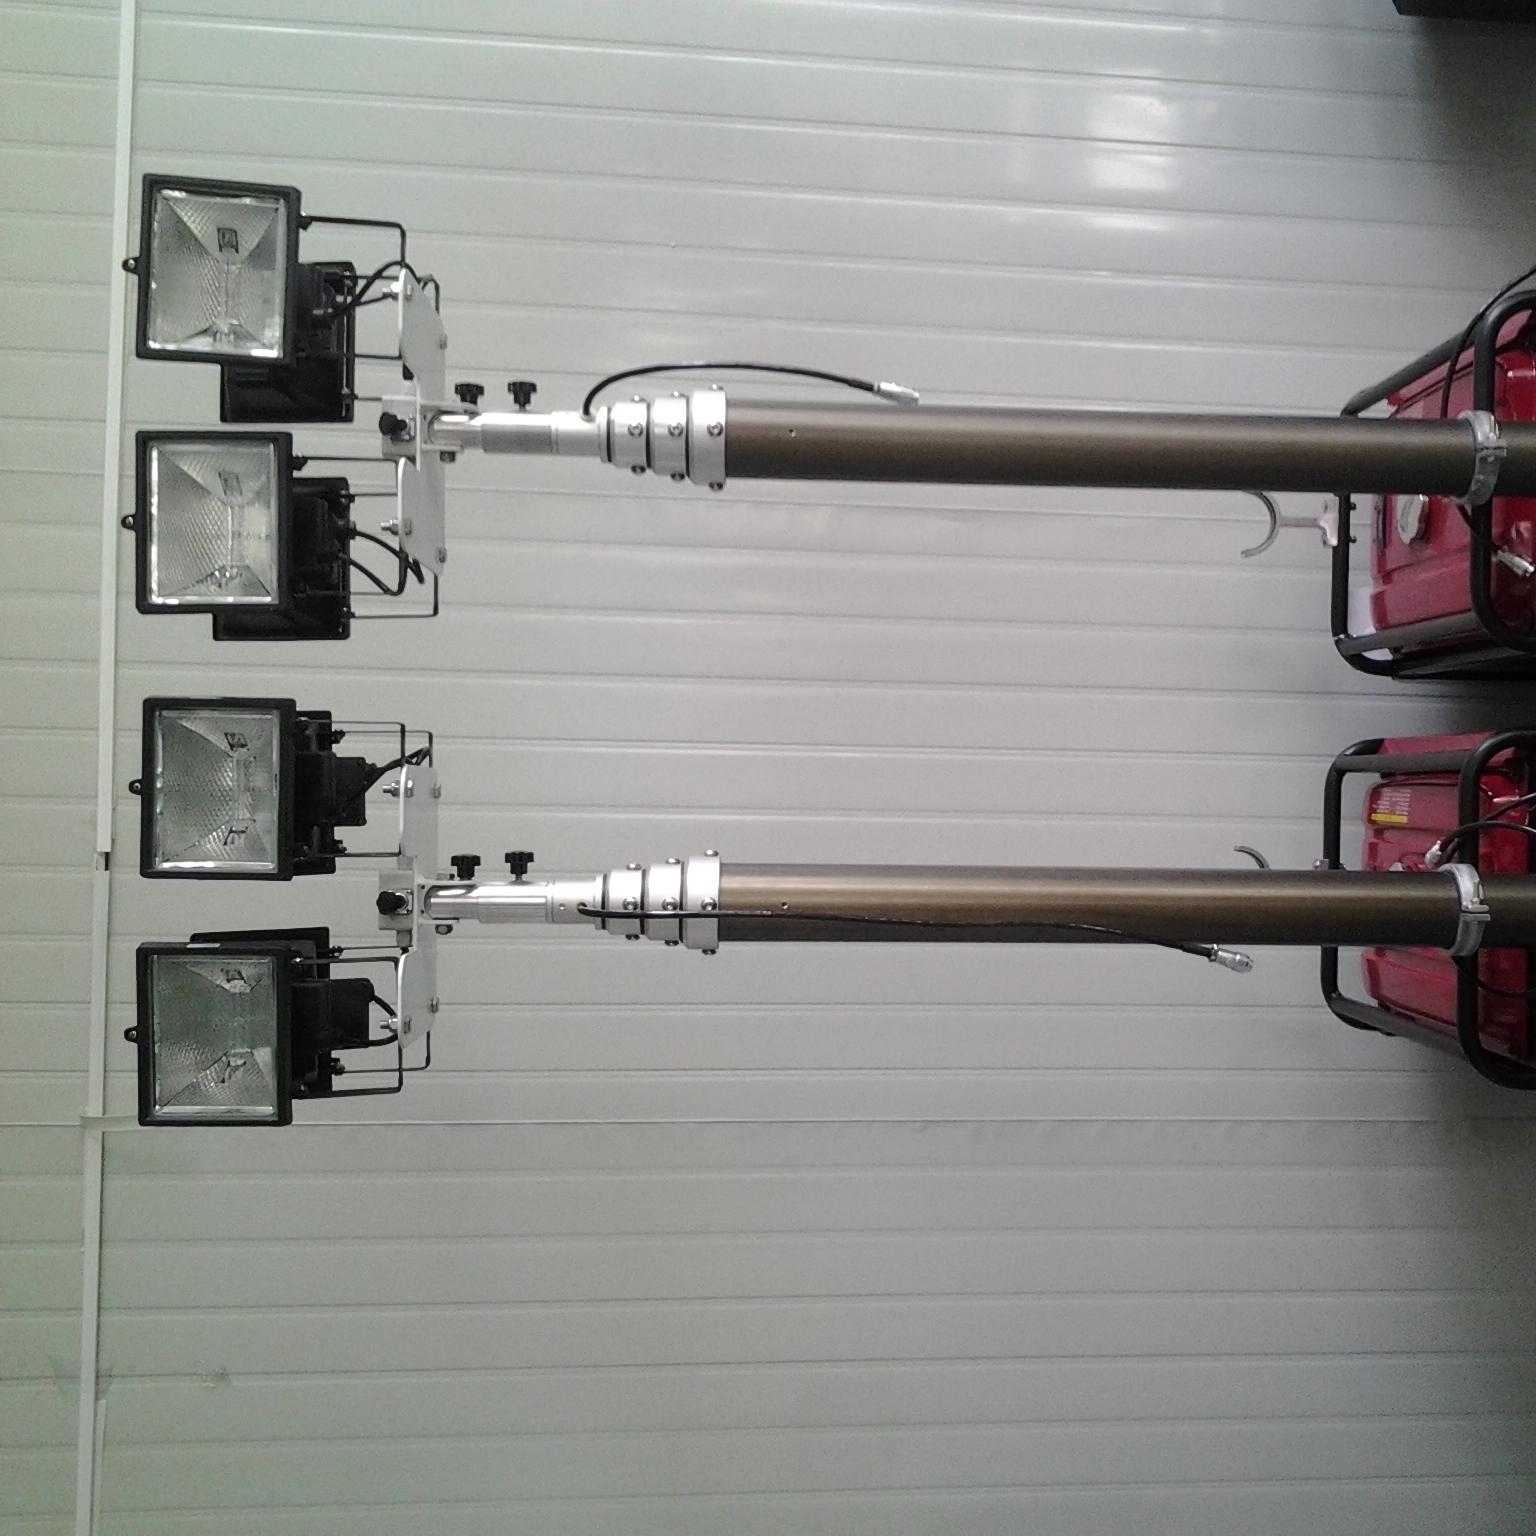 1.2米照明设备 车顶升降照明灯设备